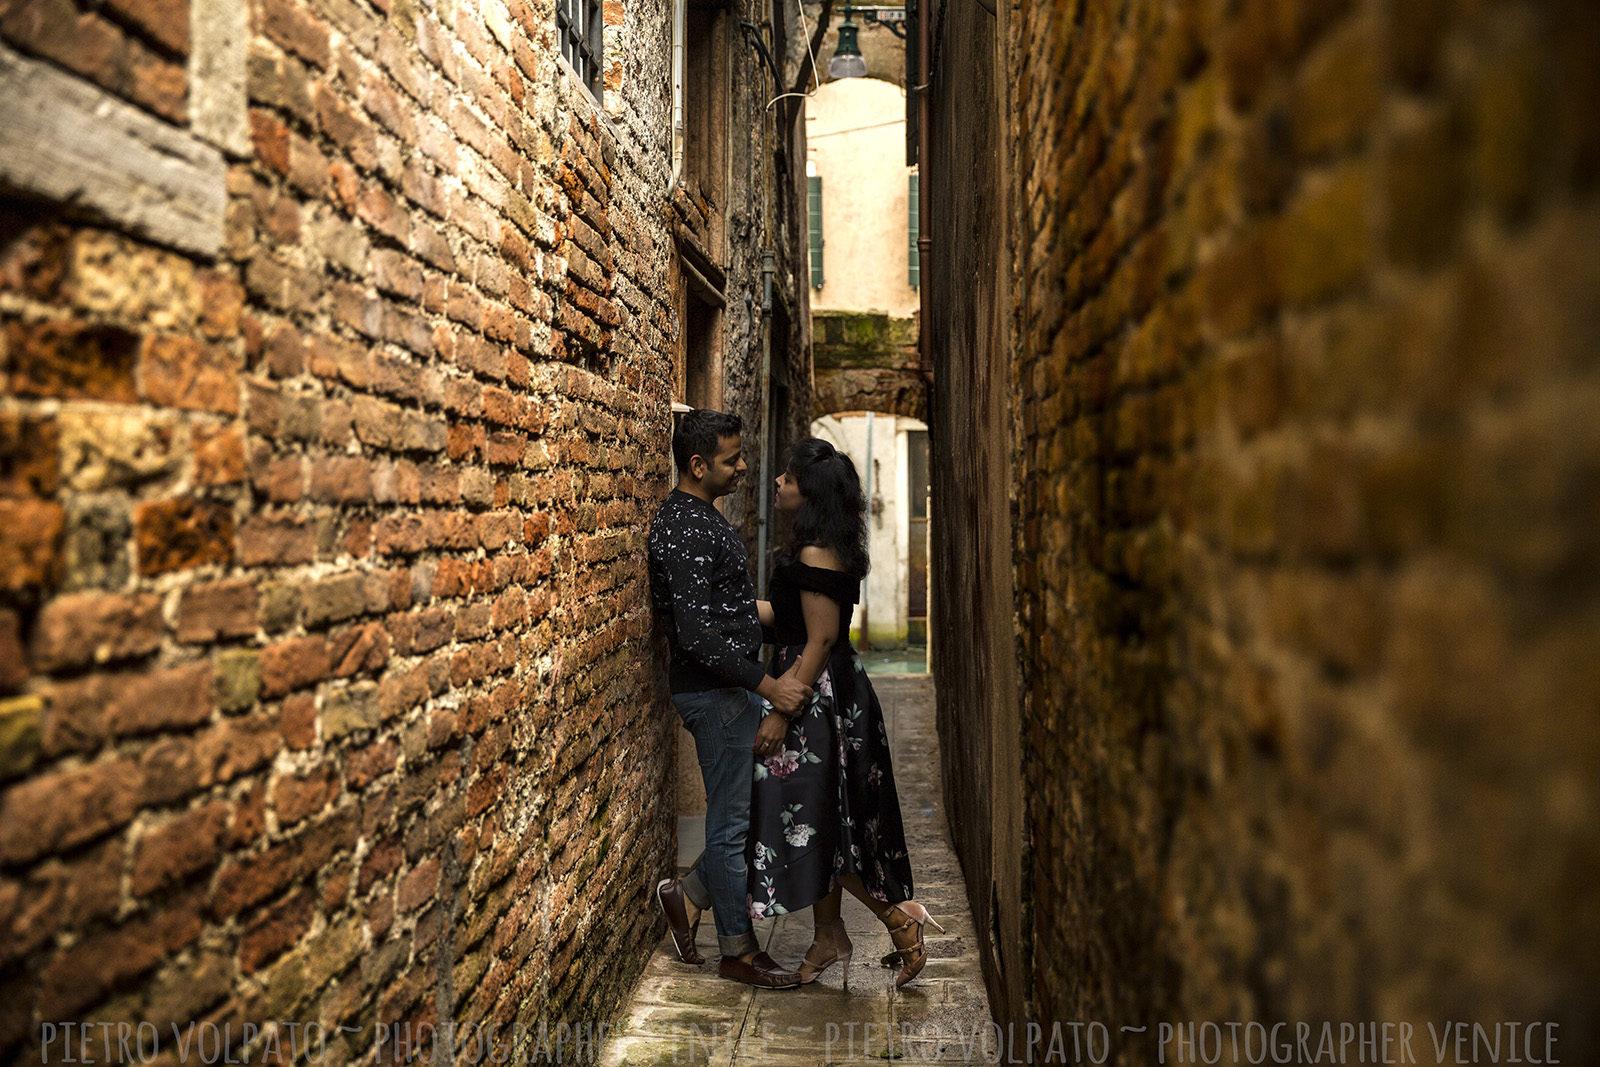 Servizio foto di vacanza coppia a Venezia durante una passaggiata romantica e divertente. Fotografo professionista a Venezia.